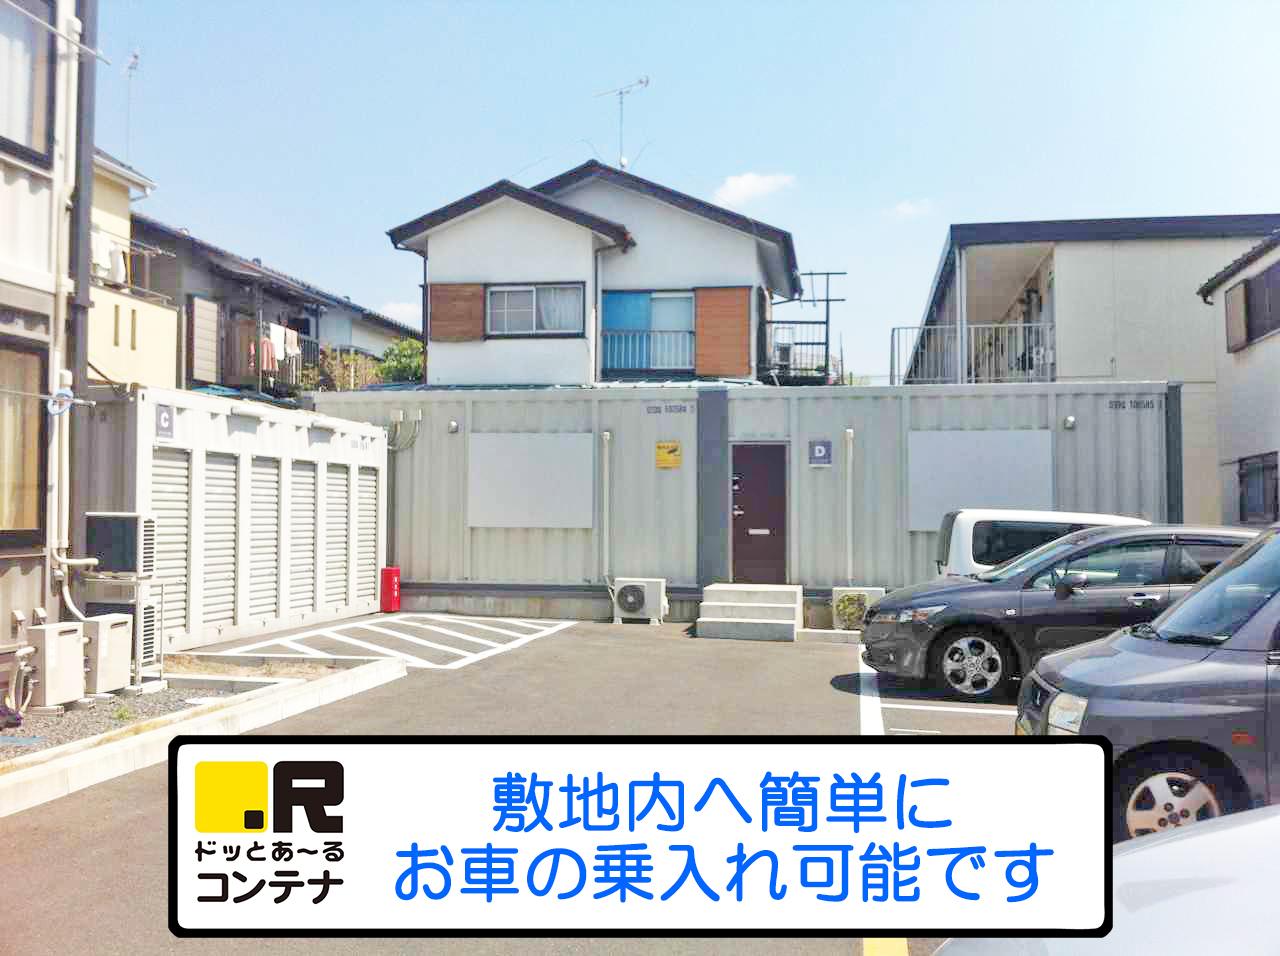 ドッとあ~るコンテナ UTレジデンス港北店外観4